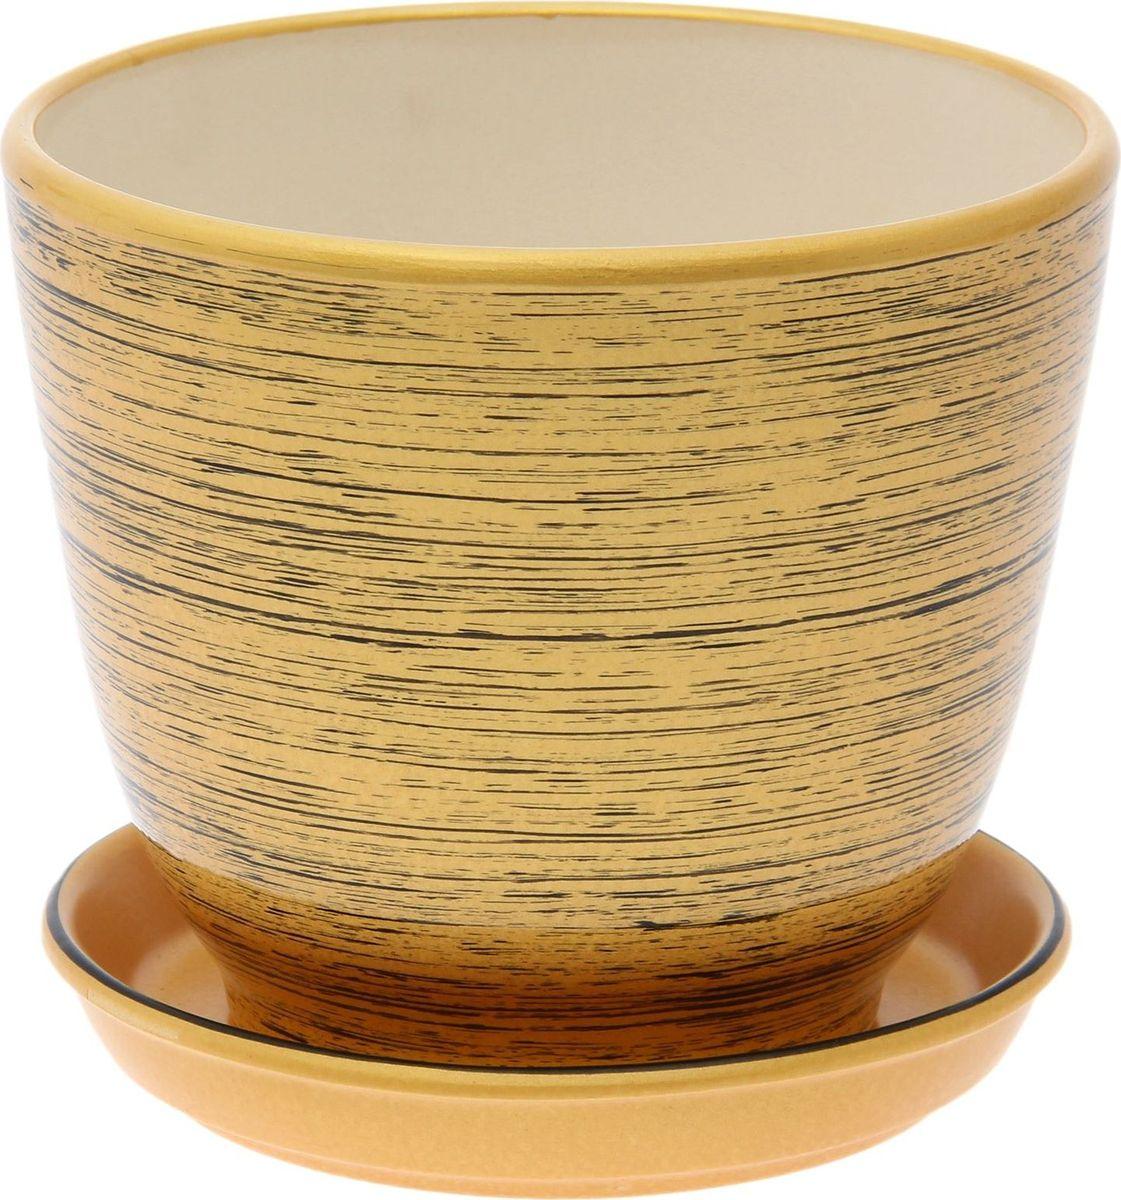 Кашпо Керамика ручной работы Кедр. Глянец, цвет: золотой, черный, 2,2 л1489691Комнатные растения — всеобщие любимцы. Они радуют глаз, насыщают помещение кислородом и украшают пространство. Каждому из них необходим свой удобный и красивый дом. Кашпо из керамики прекрасно подходят для высадки растений: за счет пластичности глины и разных способов обработки существует великое множество форм и дизайнов пористый материал позволяет испаряться лишней влаге воздух, необходимый для дыхания корней, проникает сквозь керамические стенки! позаботится о зеленом питомце, освежит интерьер и подчеркнет его стиль.